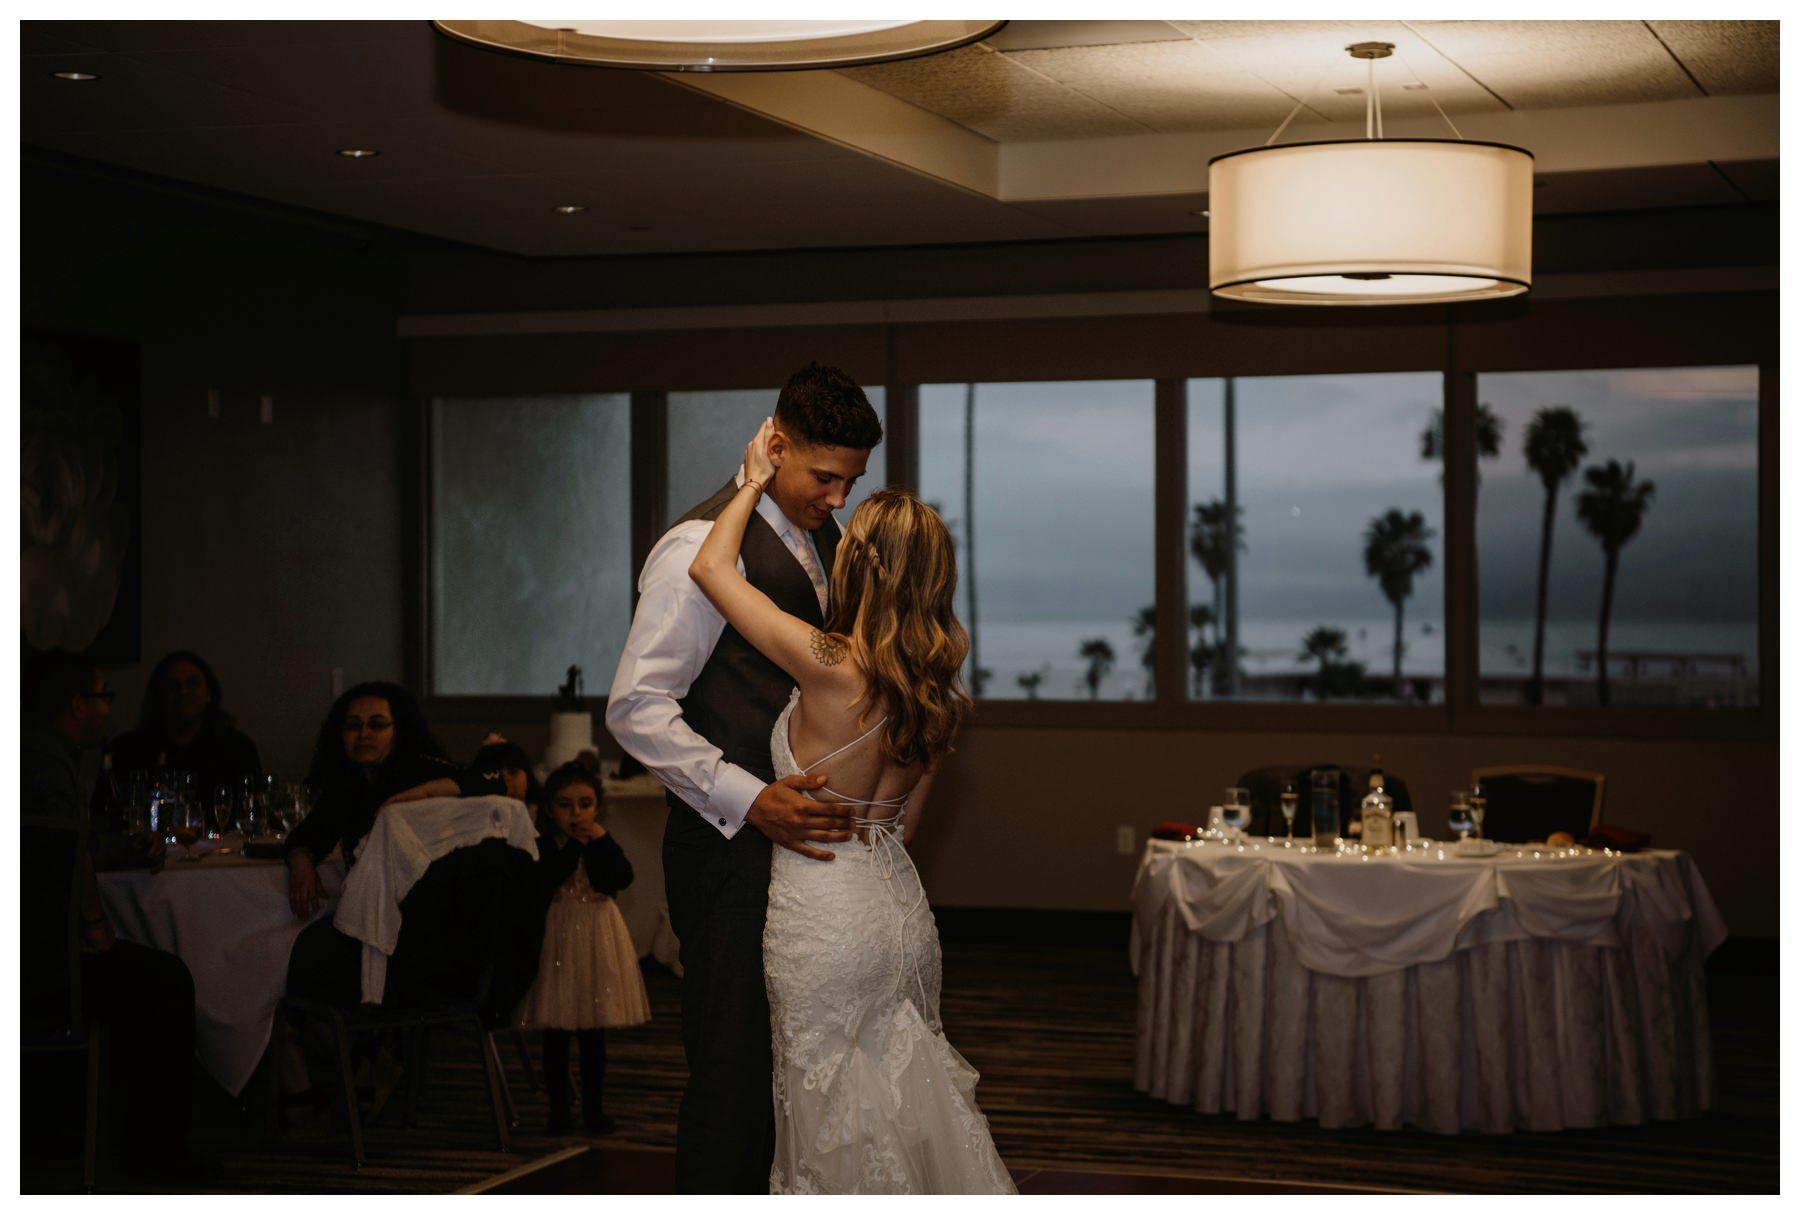 Coronado_Beach_Wedding_Singler_Photography_0045.jpg